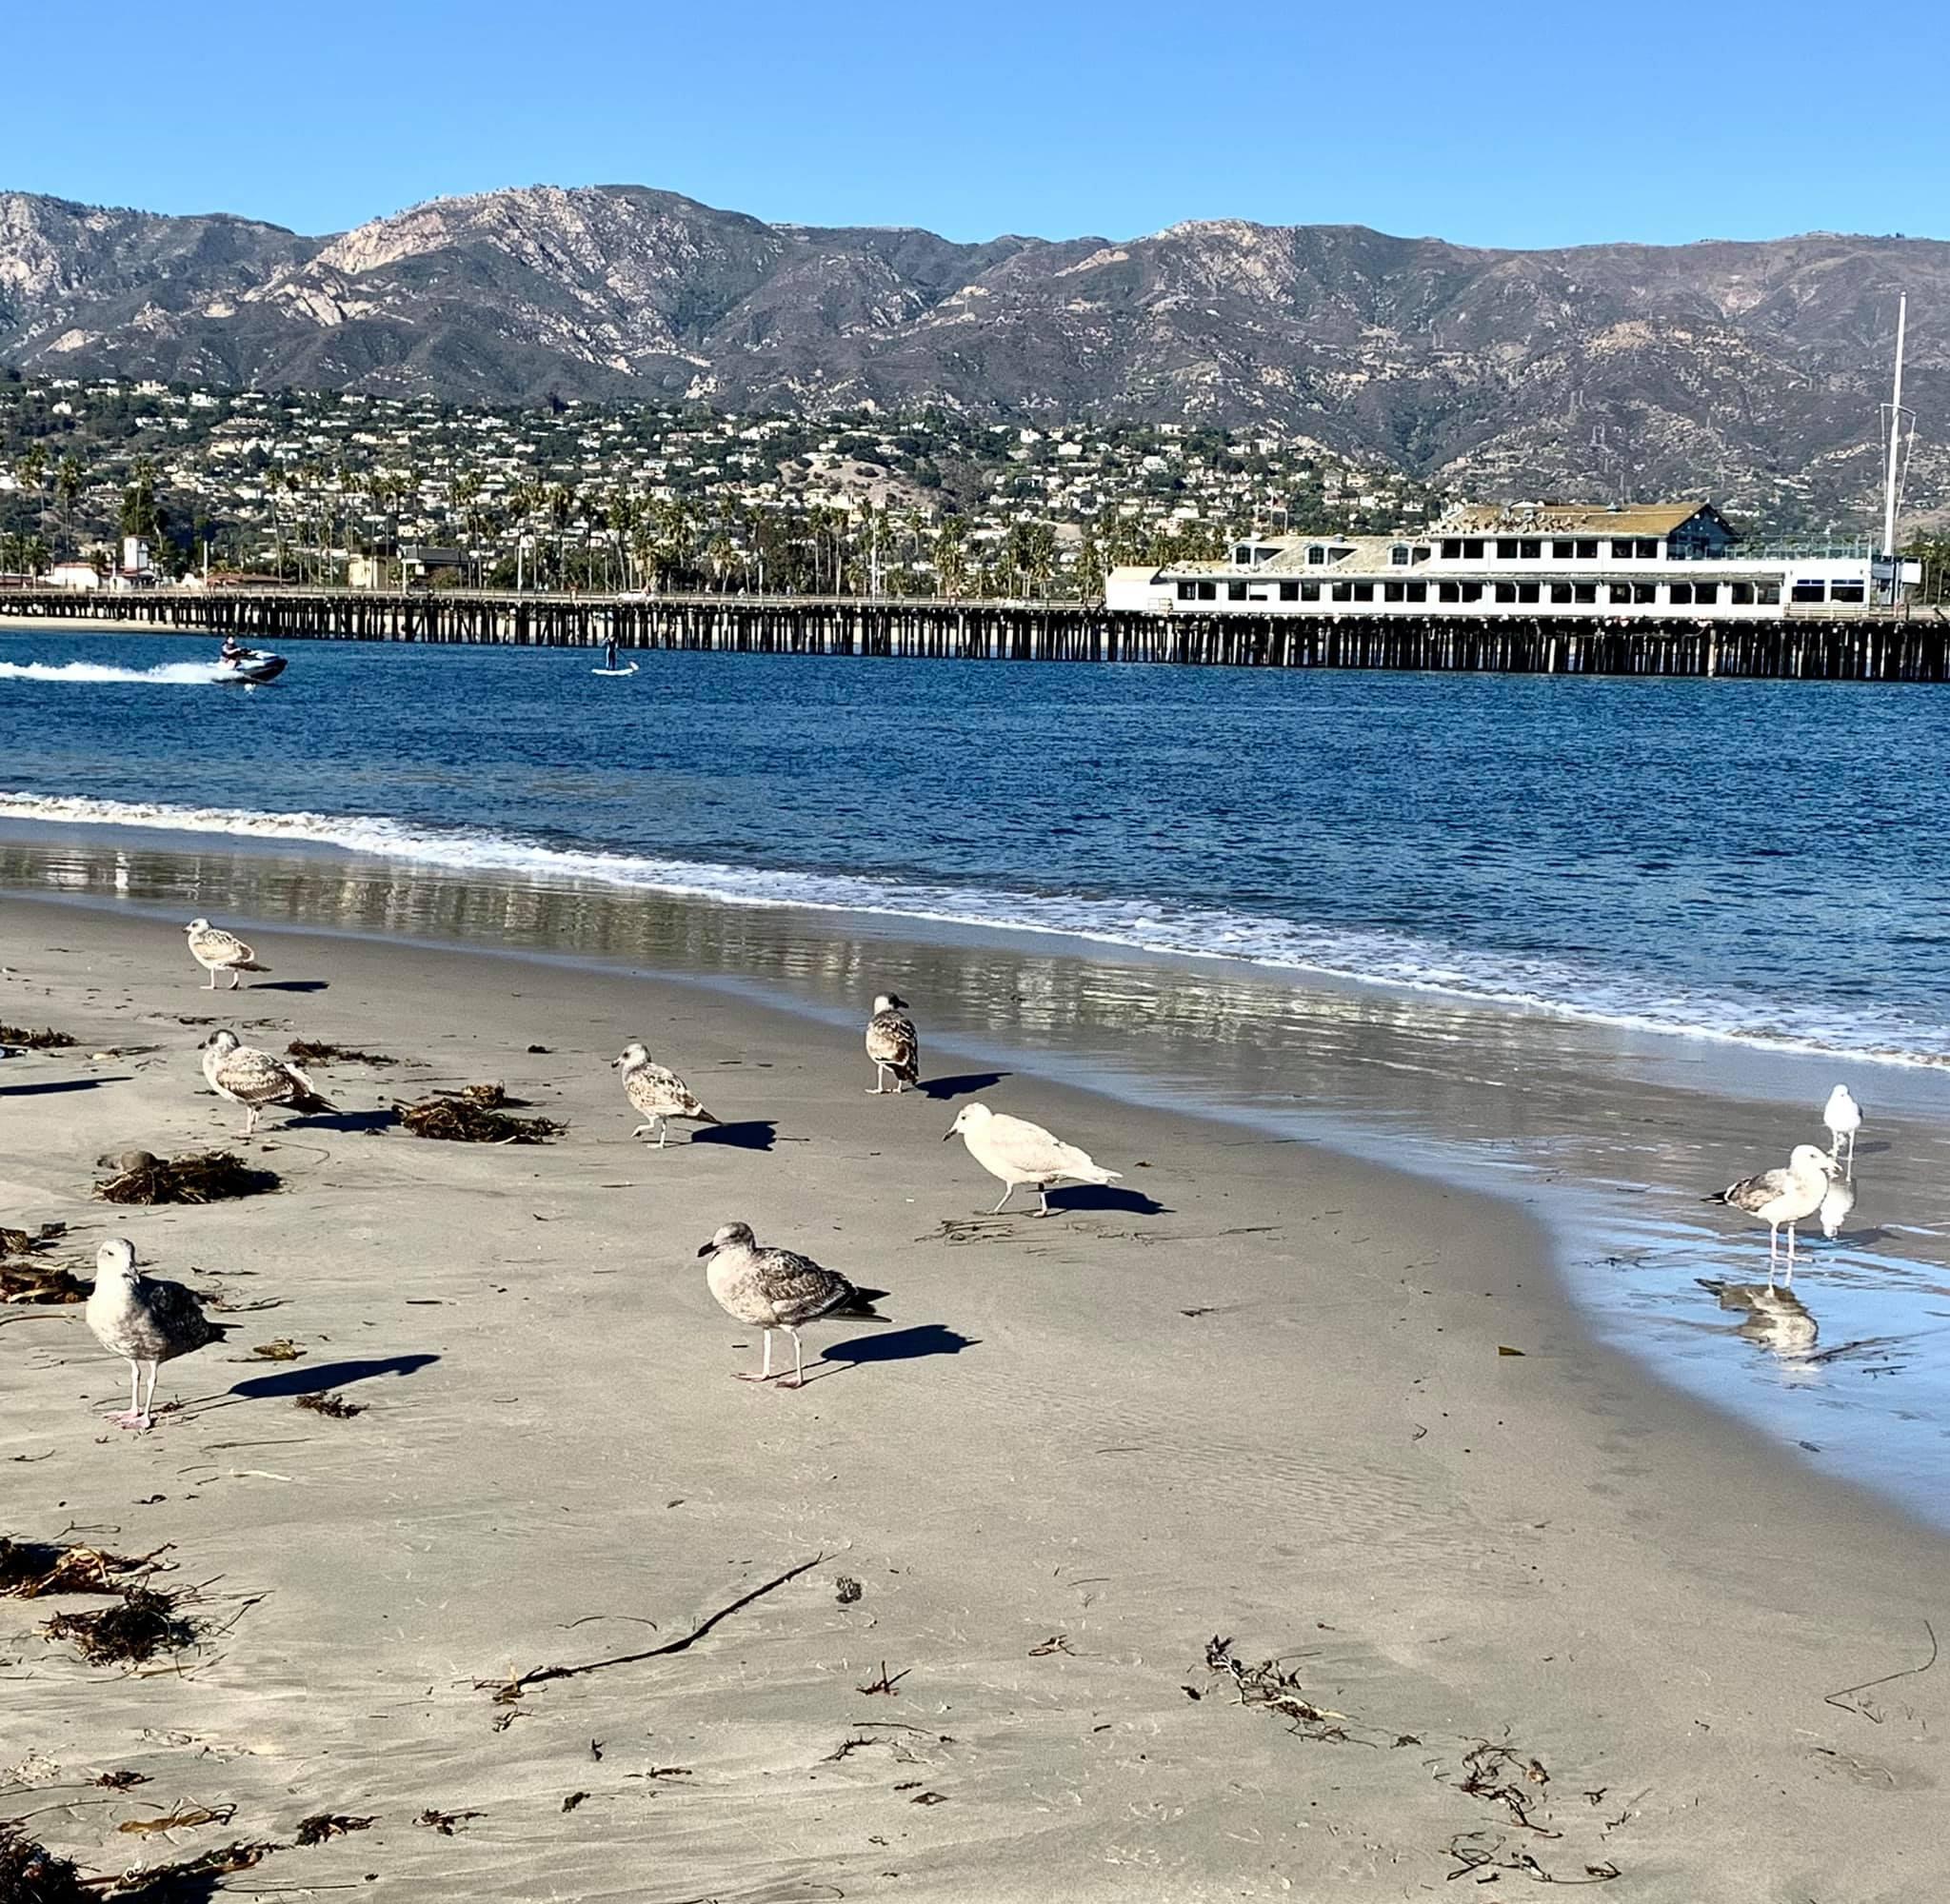 Birds on a fairly isolated beach near Santa Barbara Harbor's entrance channel